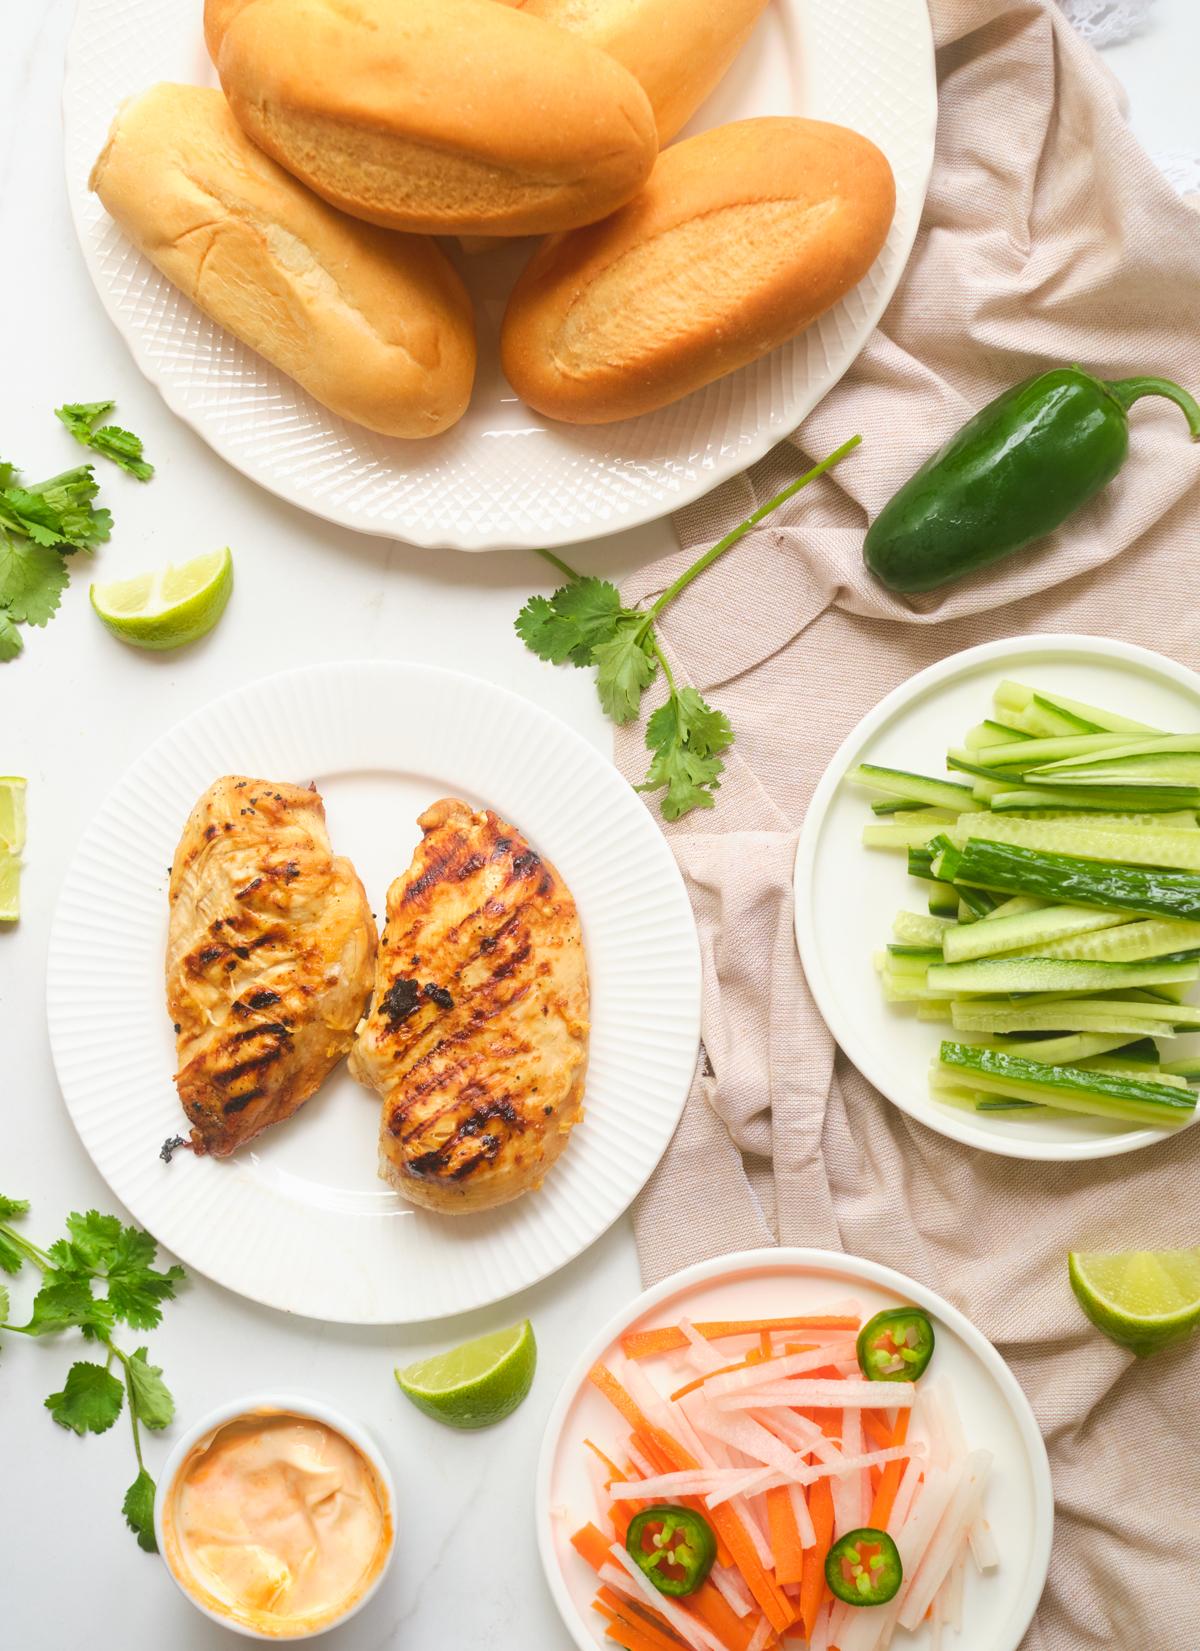 lemongrass chicken banh mi ingredients